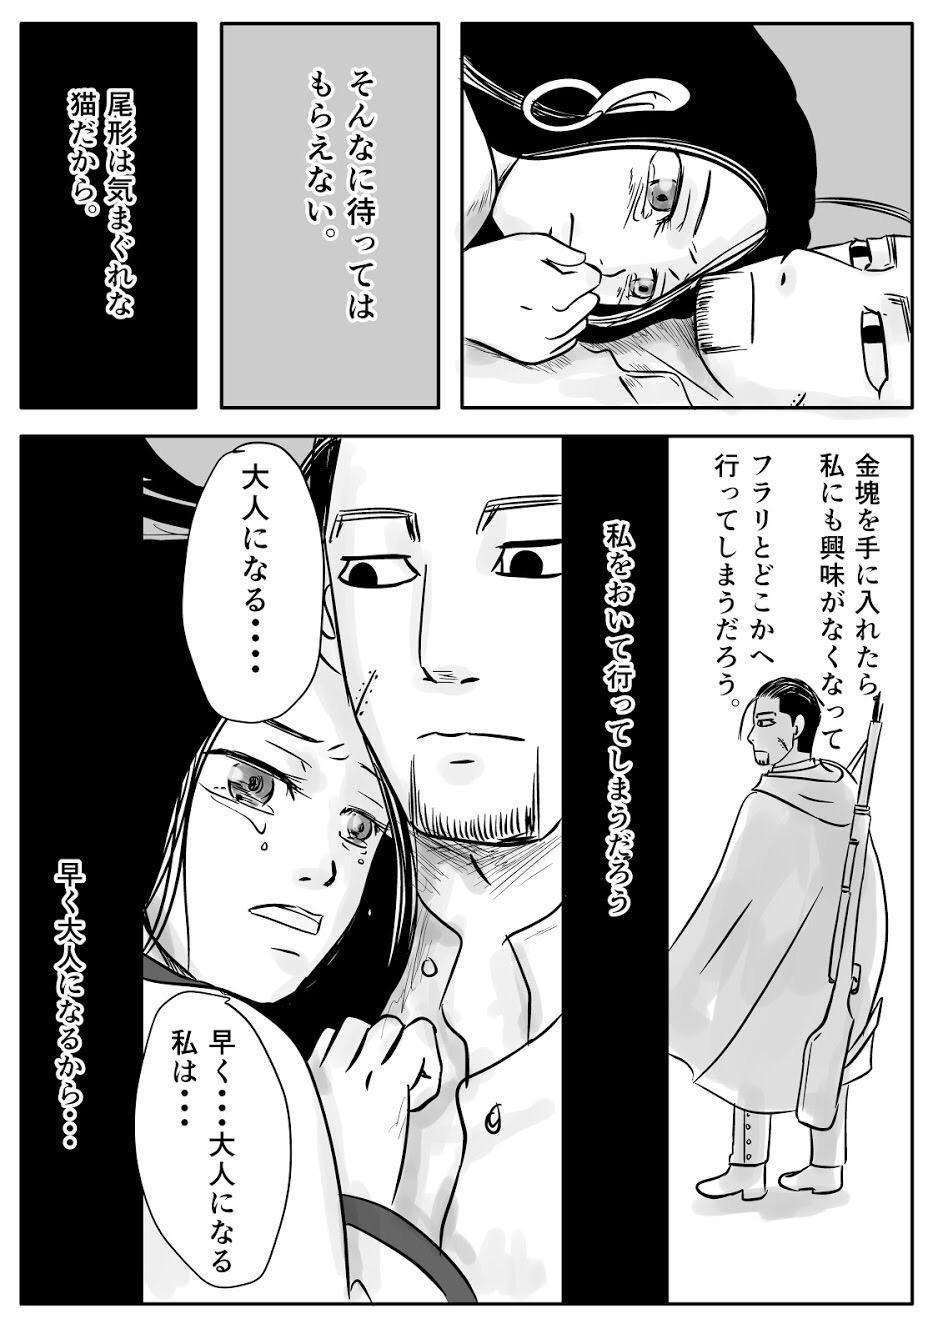 Toko no Koto 14